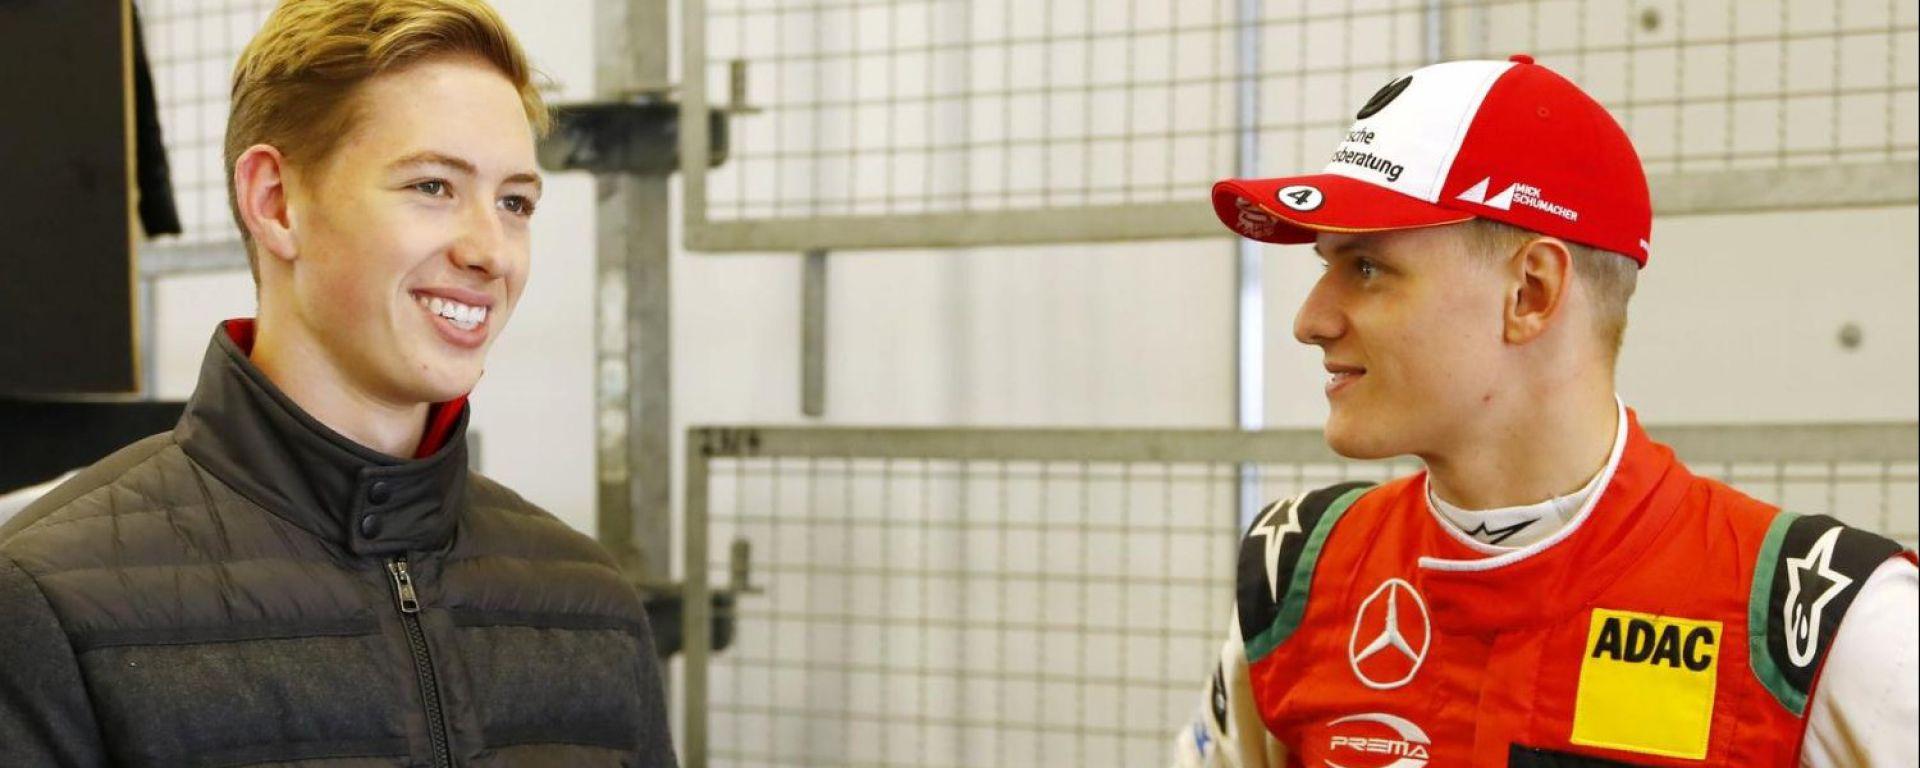 David Schumacher e Mick Schumacher a un appuntamento del DTM 2018 al Nurburgring